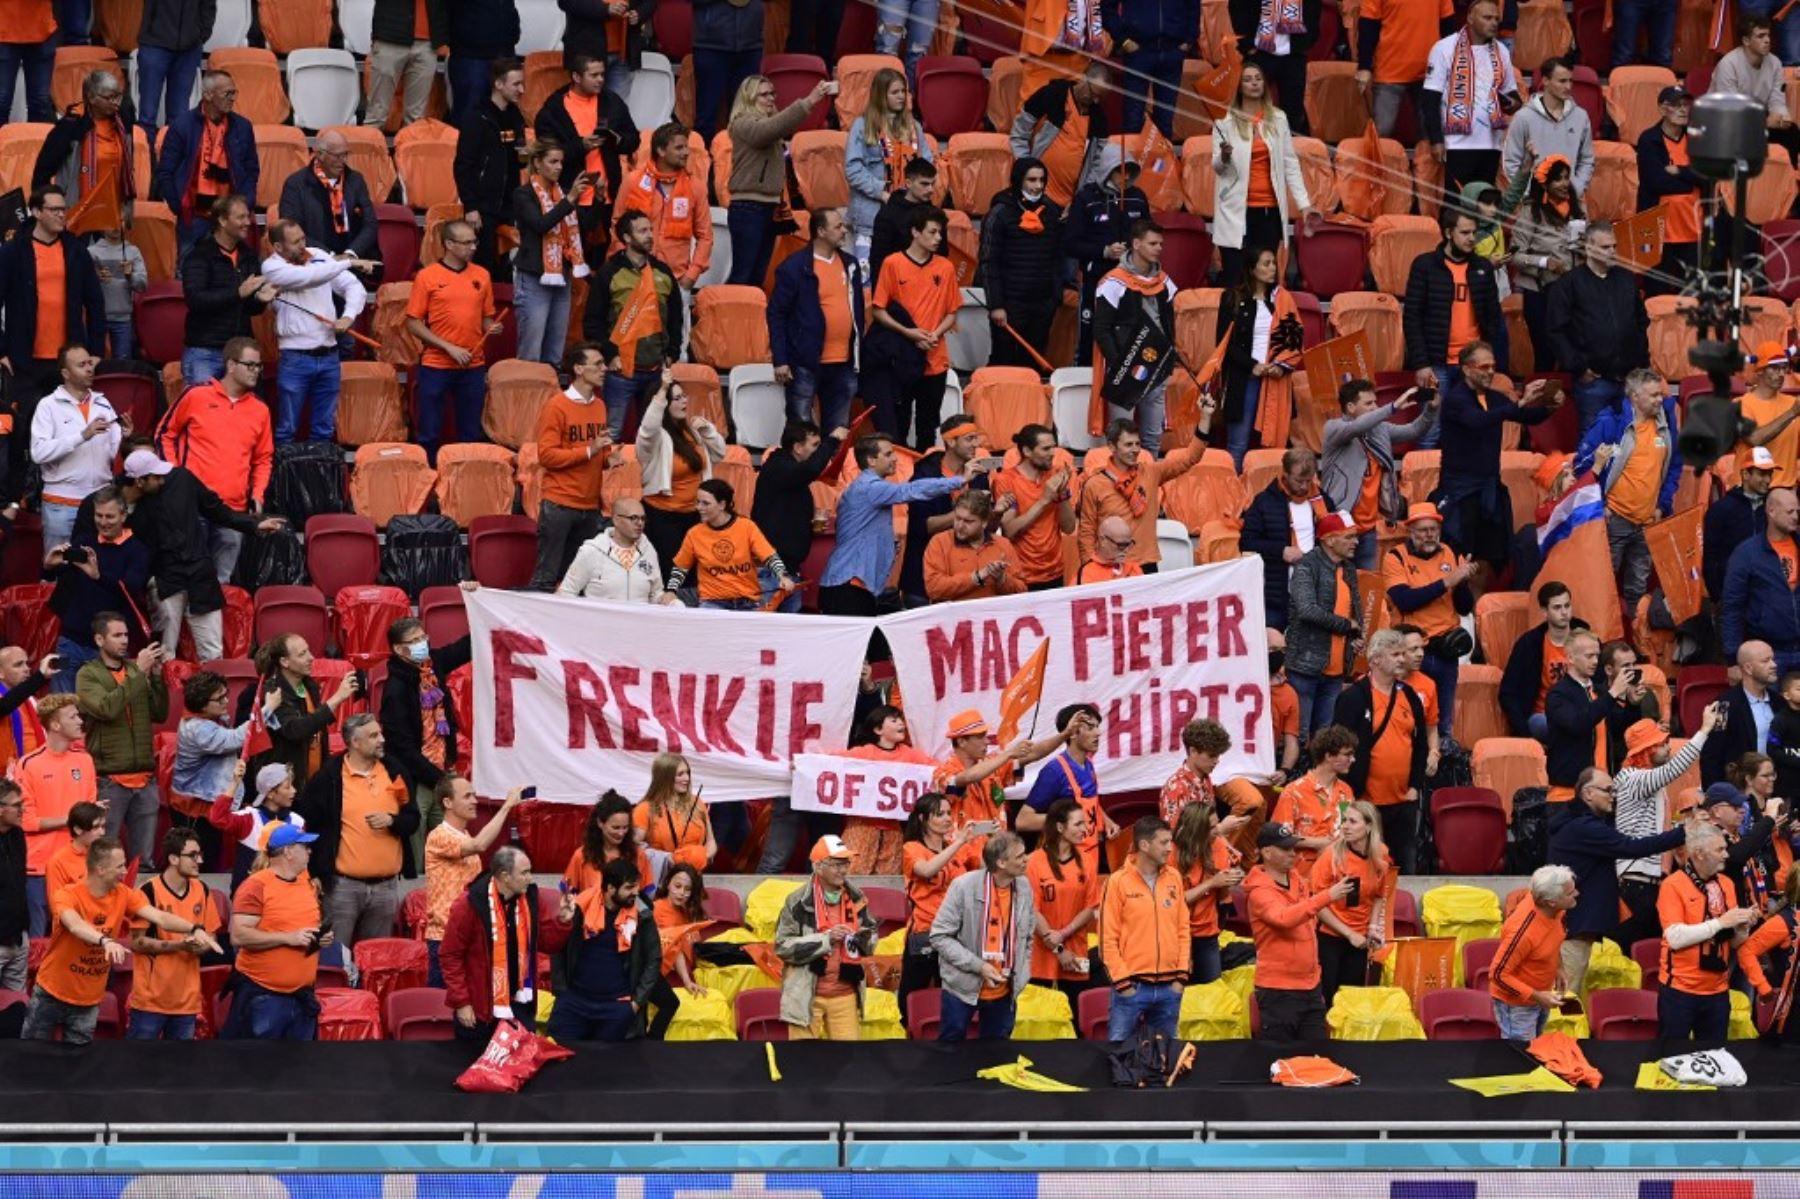 Los aficionados holandeses celebran la victoria de su equipo al final del partido de fútbol del Grupo C de la UEFA EURO 2020 entre Macedonia del Norte y Holanda en el Johan Cruyff Arena de Ámsterdam el 21 de junio de 2021. Foto: AFP